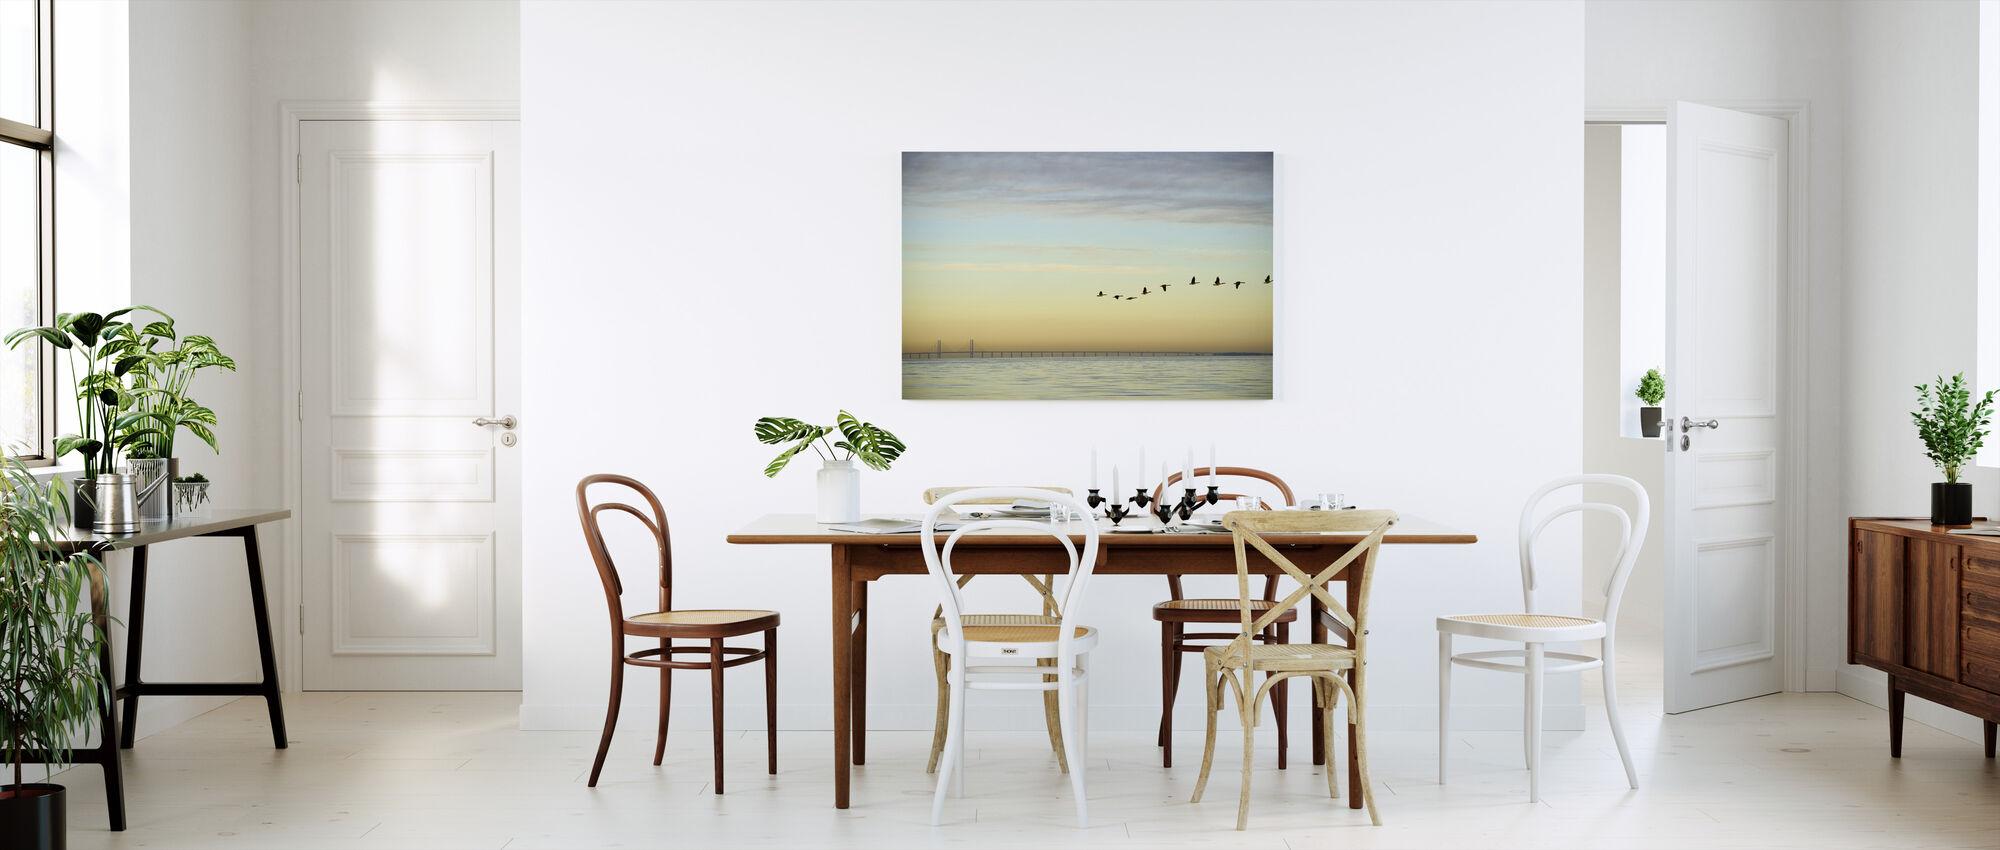 Flock of Birds - Canvas print - Kitchen